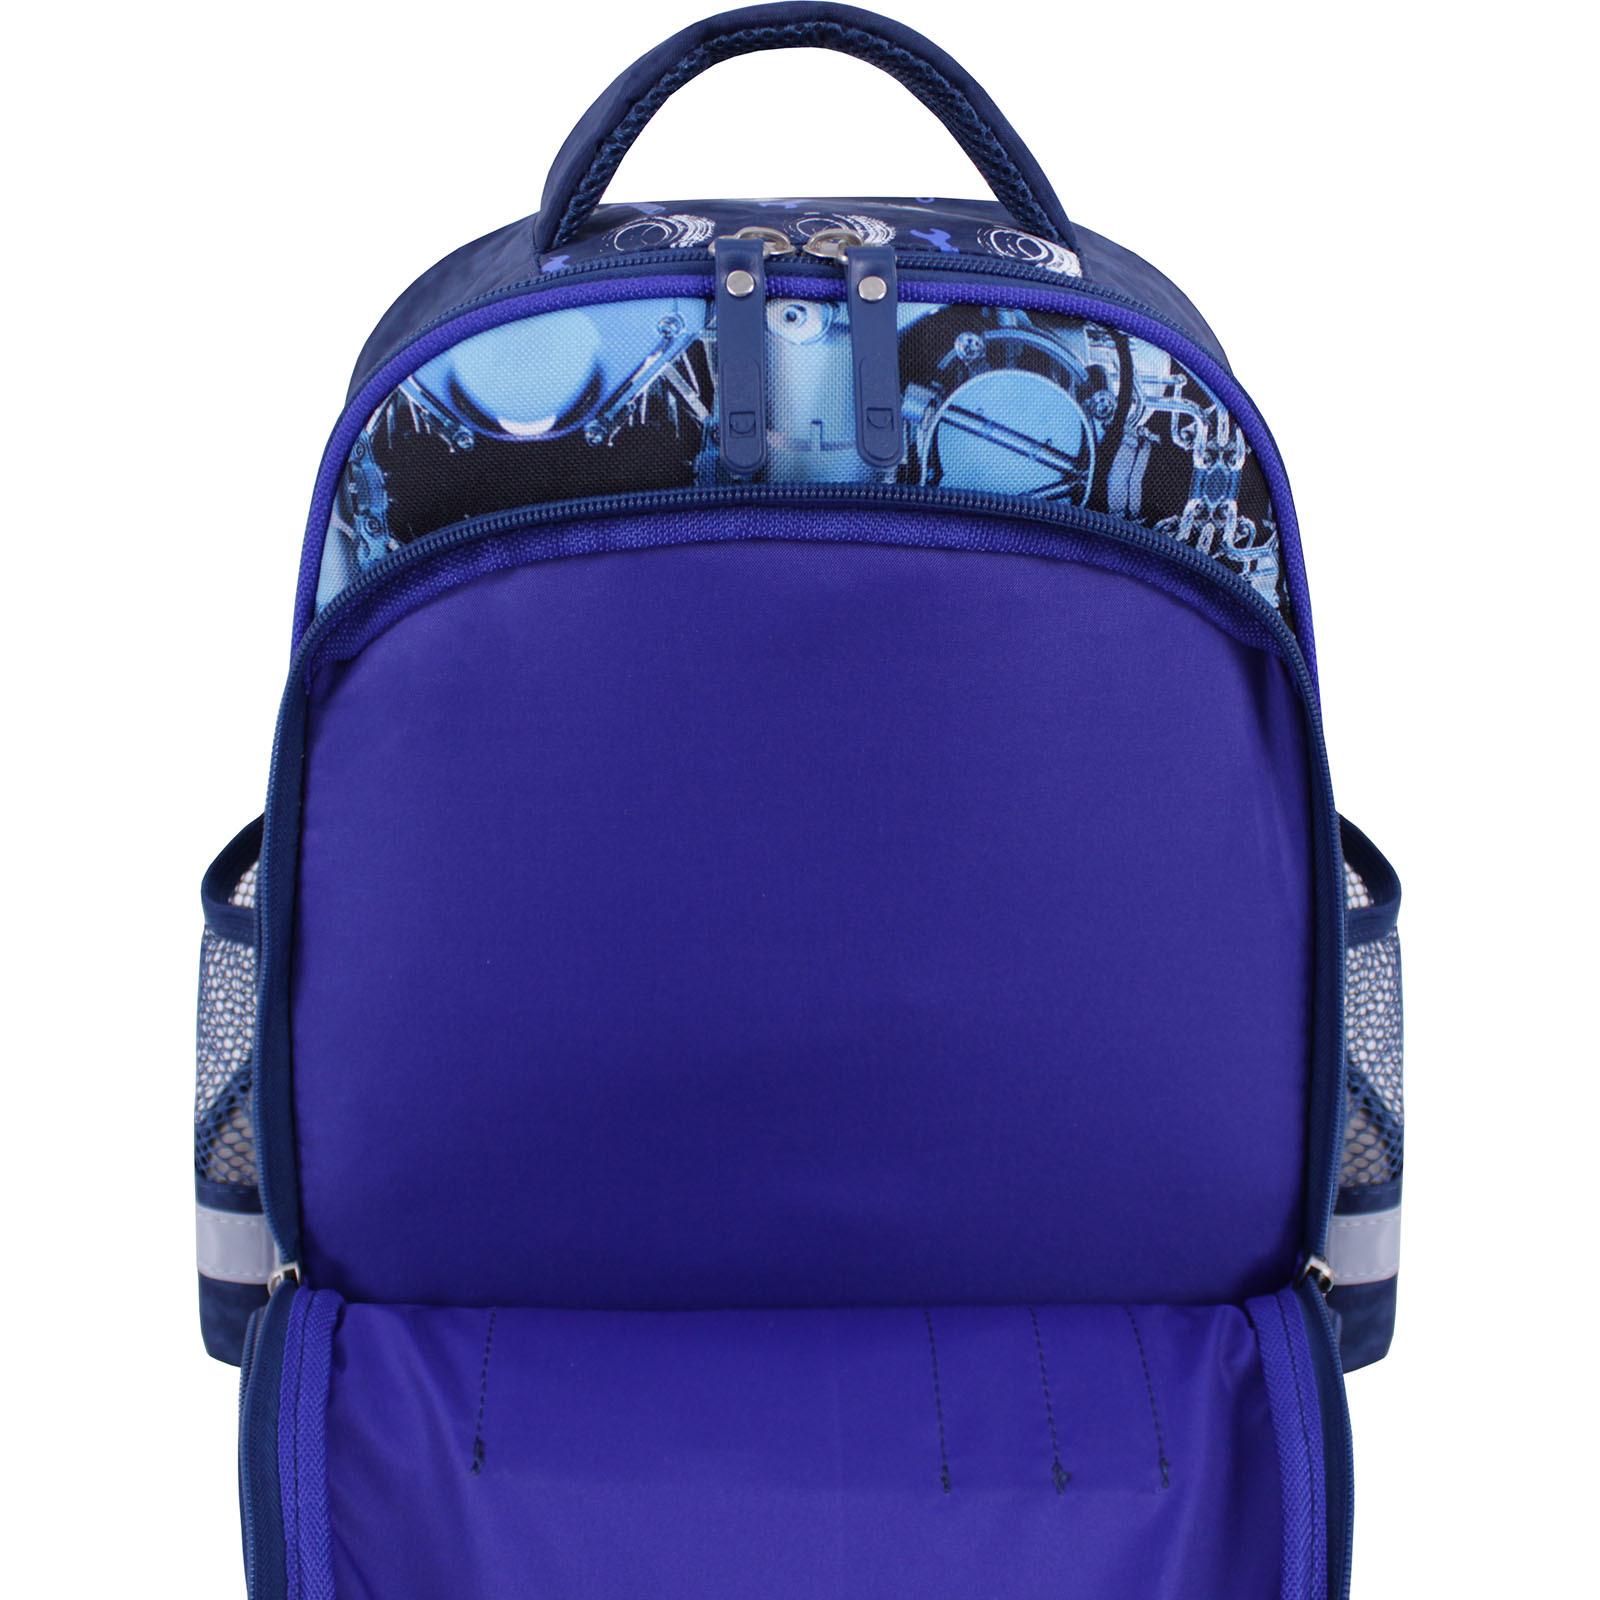 Рюкзак школьный Bagland Mouse 225 синий 555 (0051370) фото 4